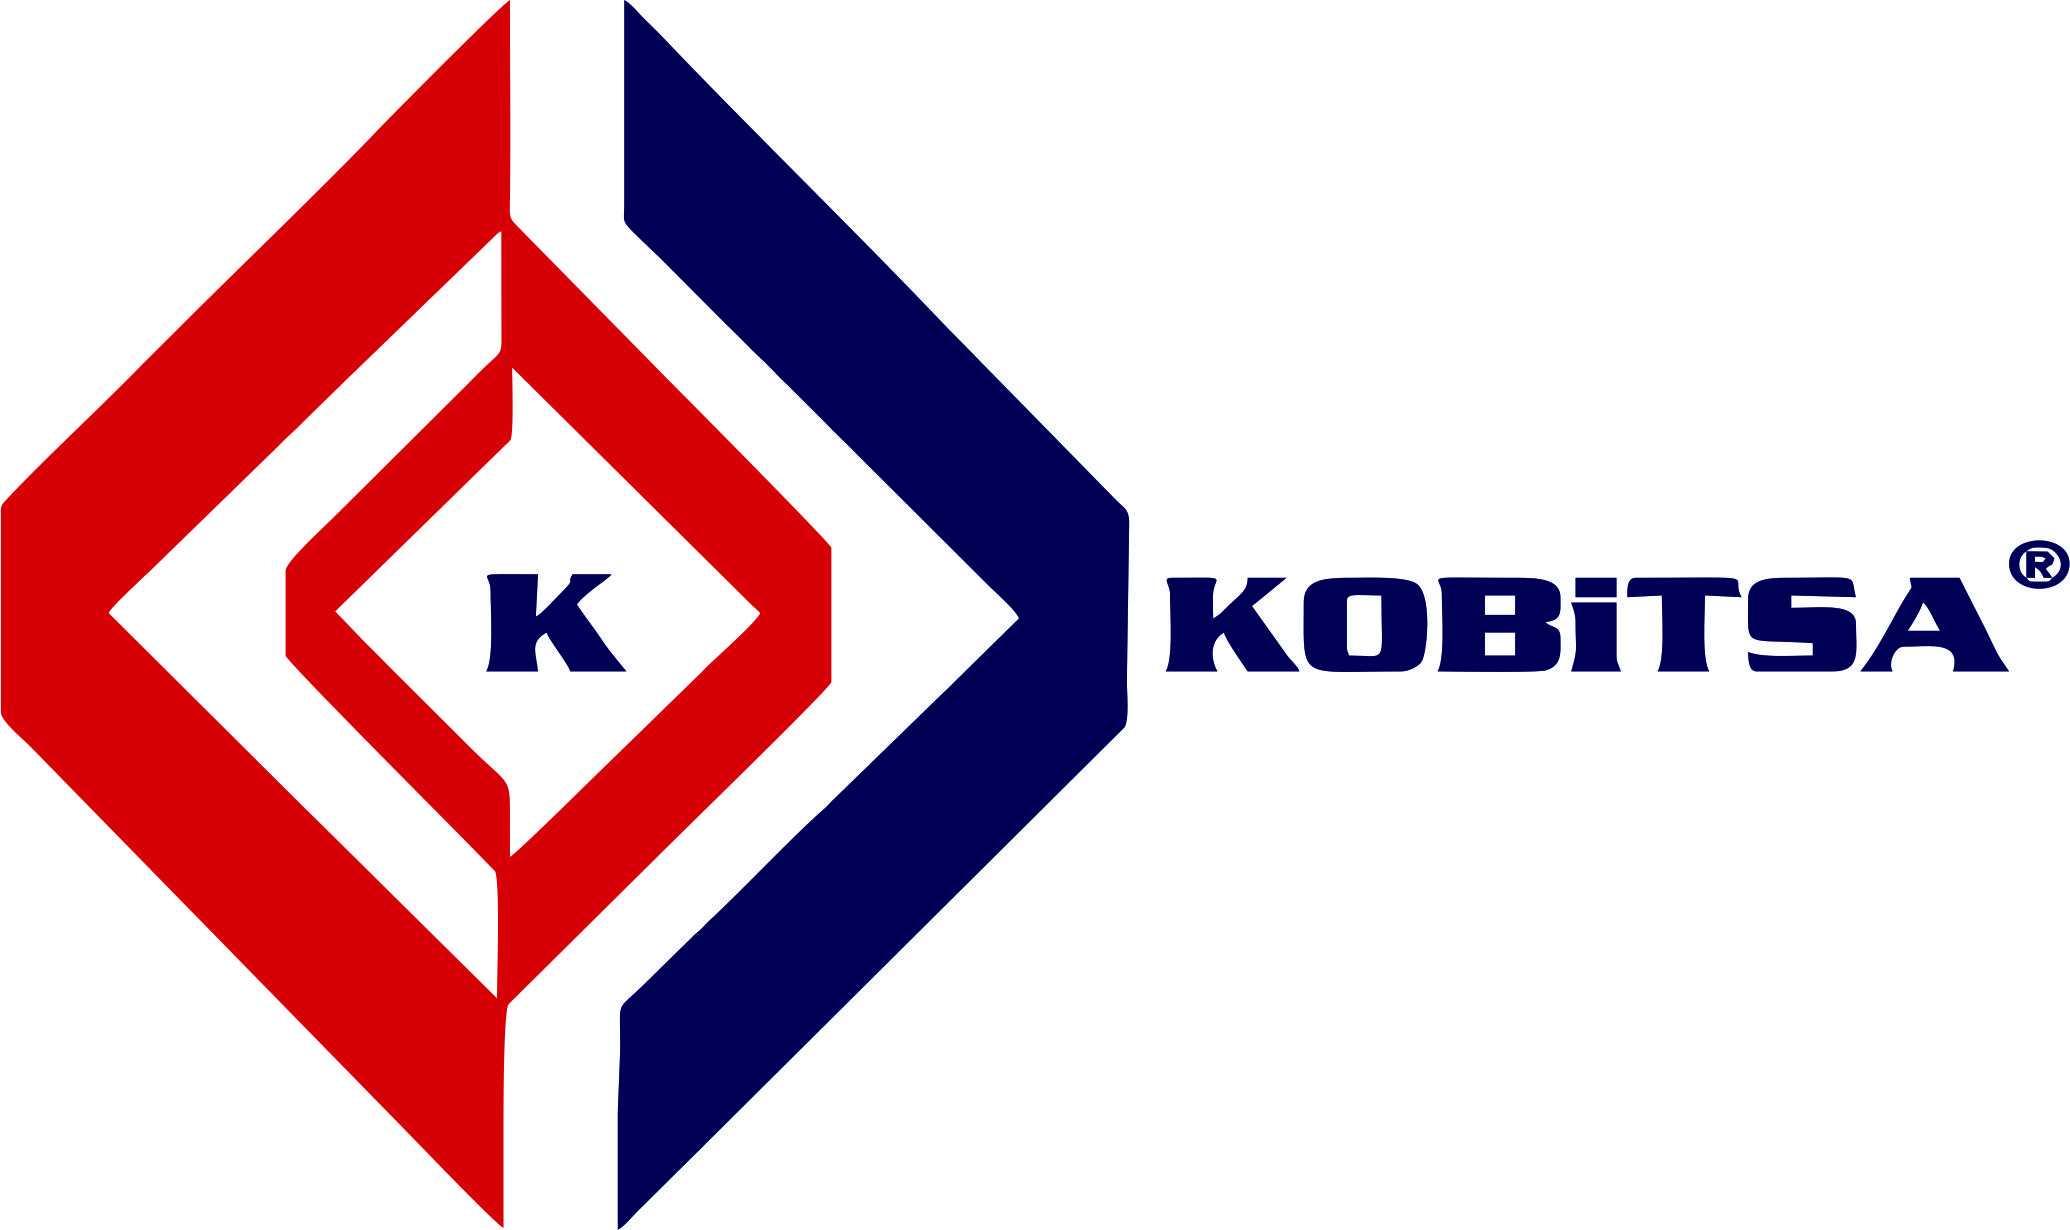 Kobitsa Grup iş ilanları